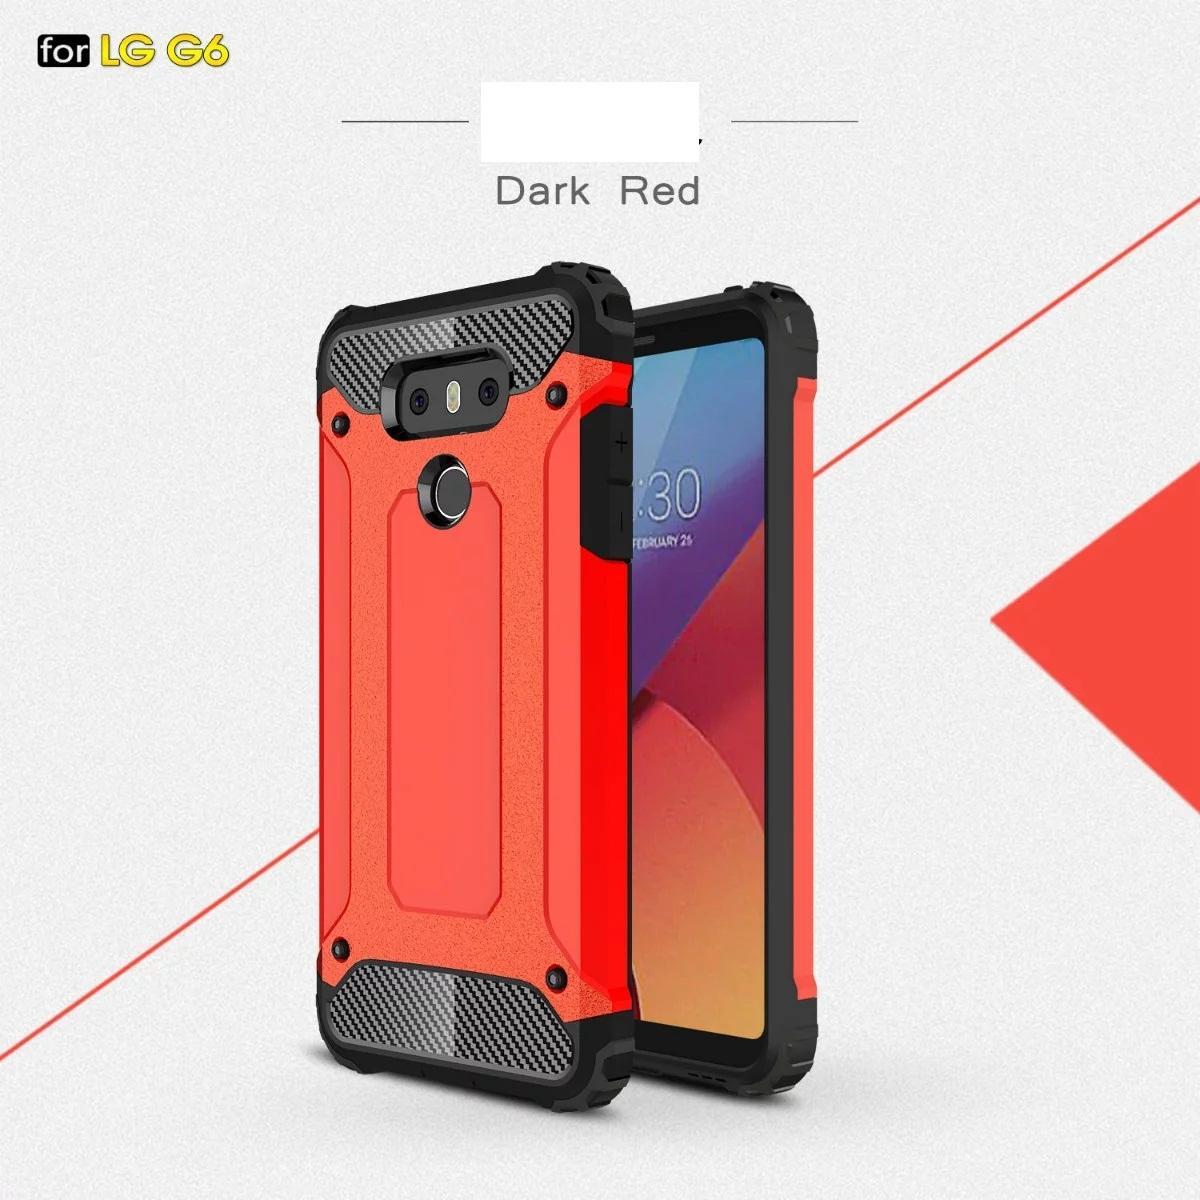 Armure Hybrid Defender Case TPU + PC Housse de protection antichoc POUR LG G6 G5 Q6 Galaxy S7 EDGE S7 PLUS S6 EDGE PLUS